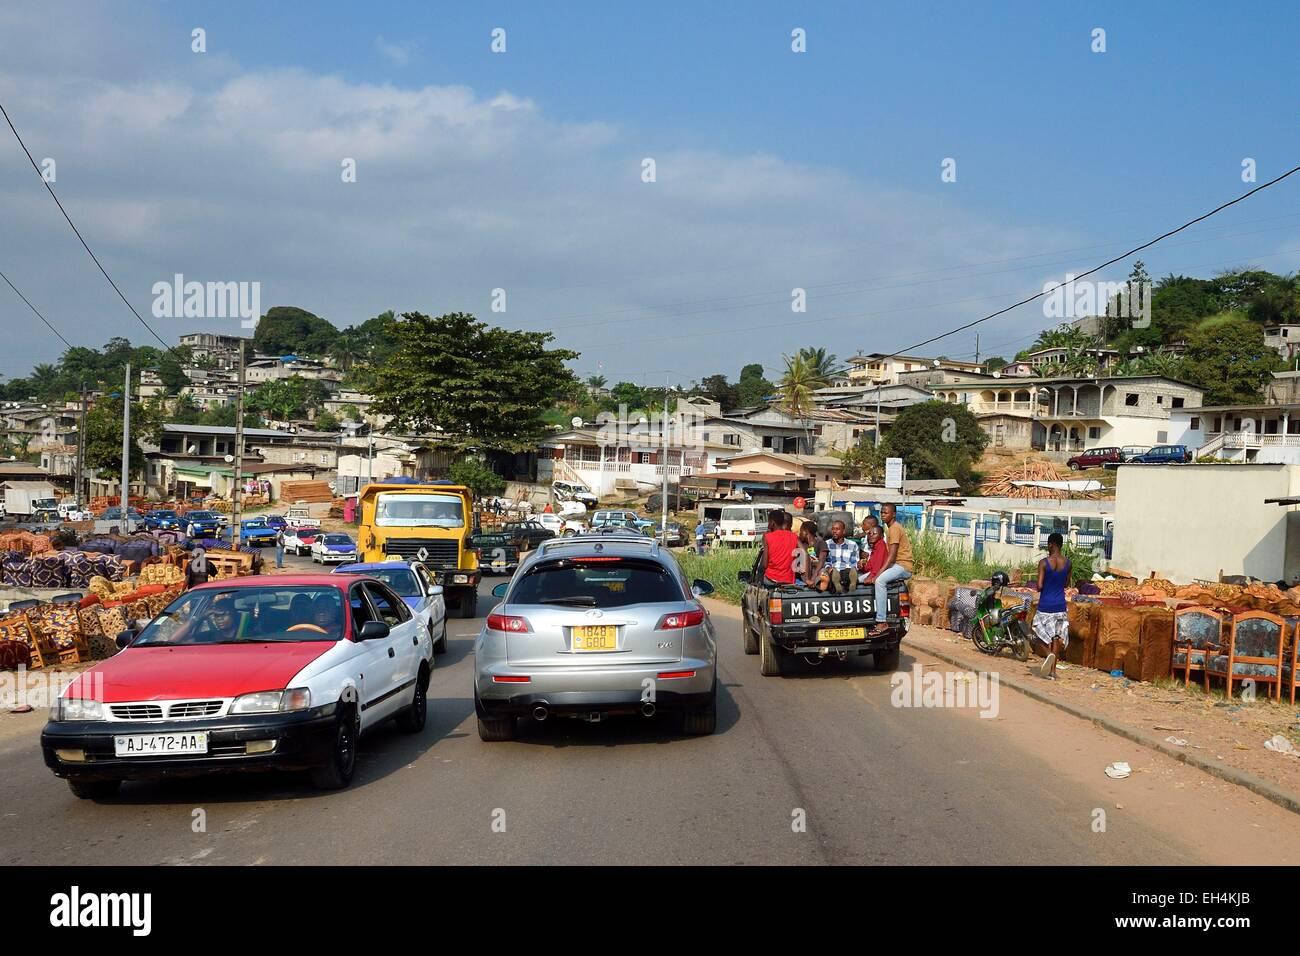 Il Gabon, Libreville, vendita di mobili lungo il percorso 1 nazionale (autostrada statale) Immagini Stock